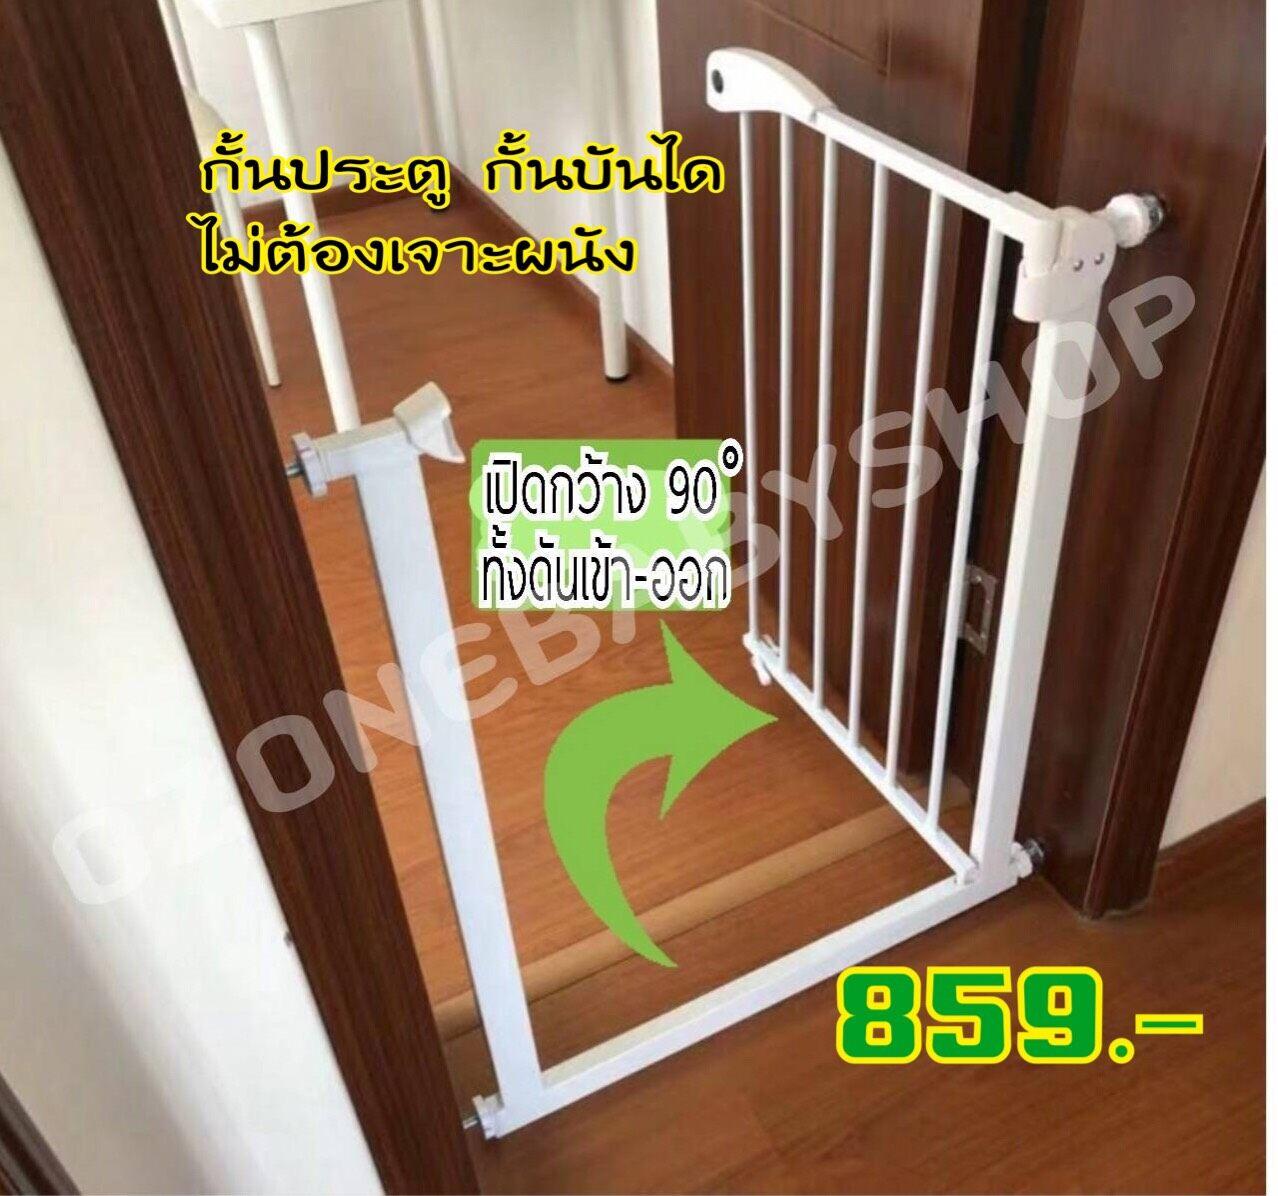 โปรโมชั่น ที่กั้นบันได ที่กั้นประตู ที่กั้นเด็ก ที่กั้นสุนัข 75-84cm